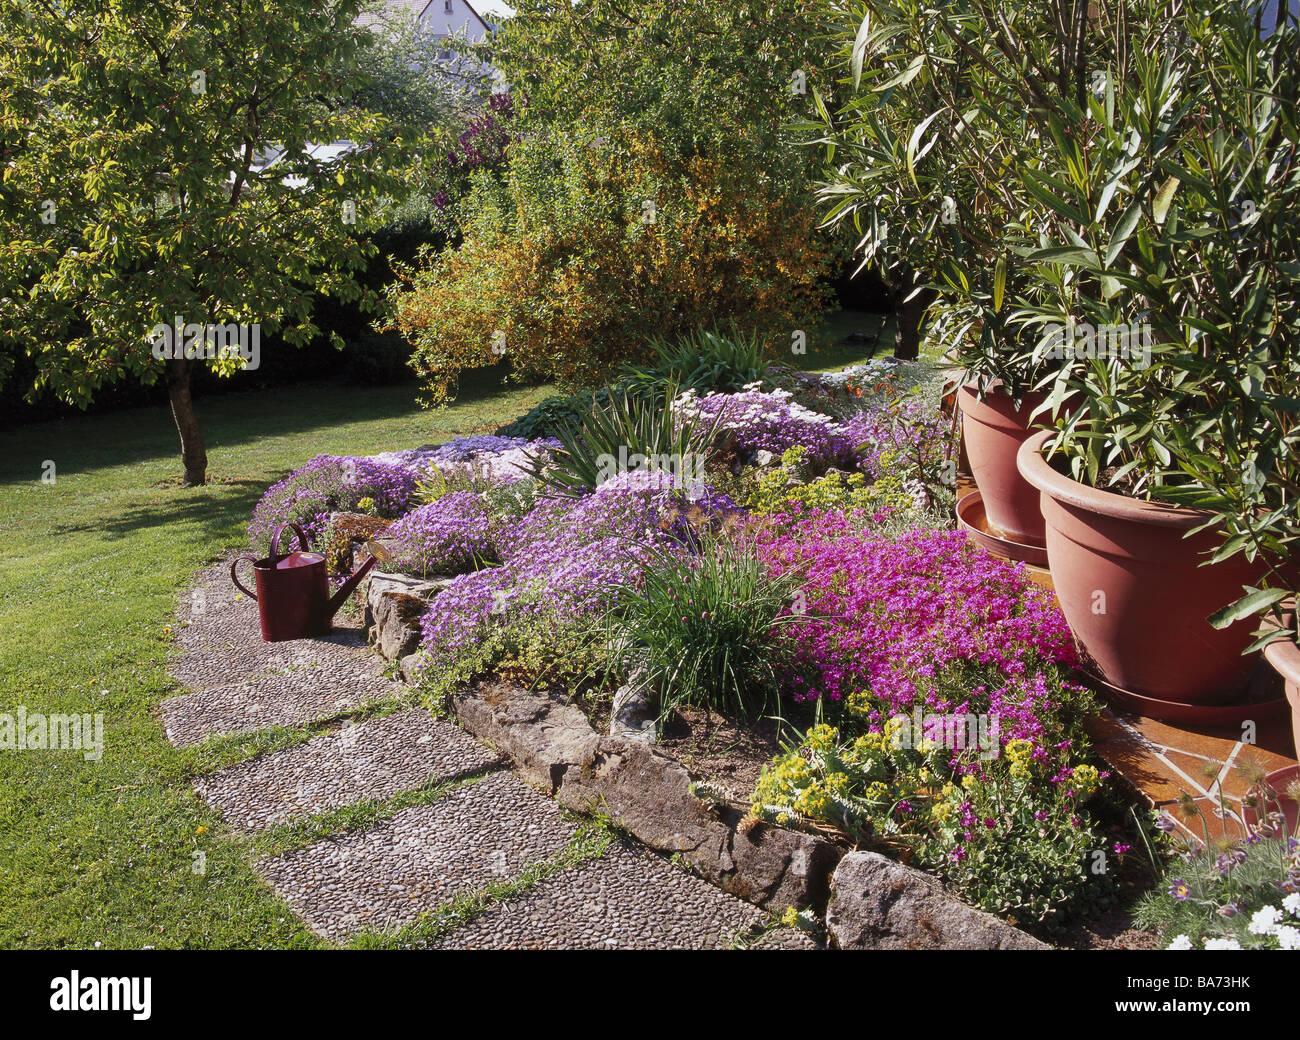 Arbre En Pot Terrasse fleur fleurs jardin lit rocaille façon étés prairie arbres